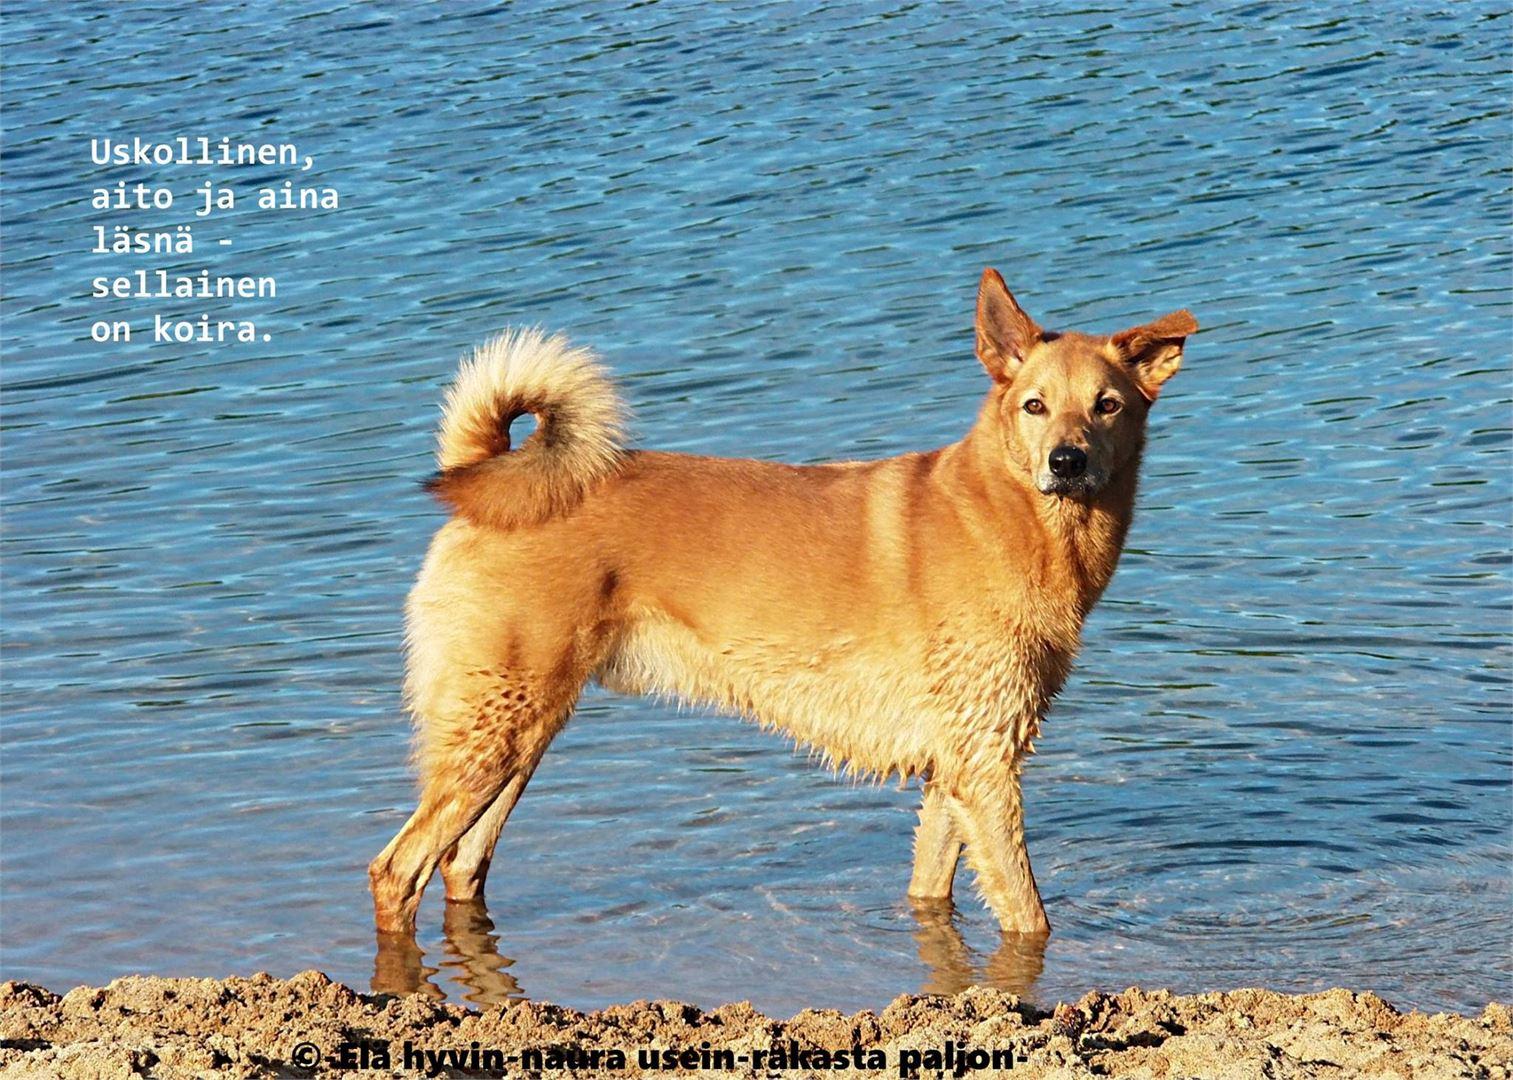 Useimmissa sivuston päivityksissä seikkailevat Helinän koirat. - Koirat ovat olleet ja tulevat aina olemaan parhaita terapeutteja, joskaan eivät aina halvimpia, Helinä naurahtaa.